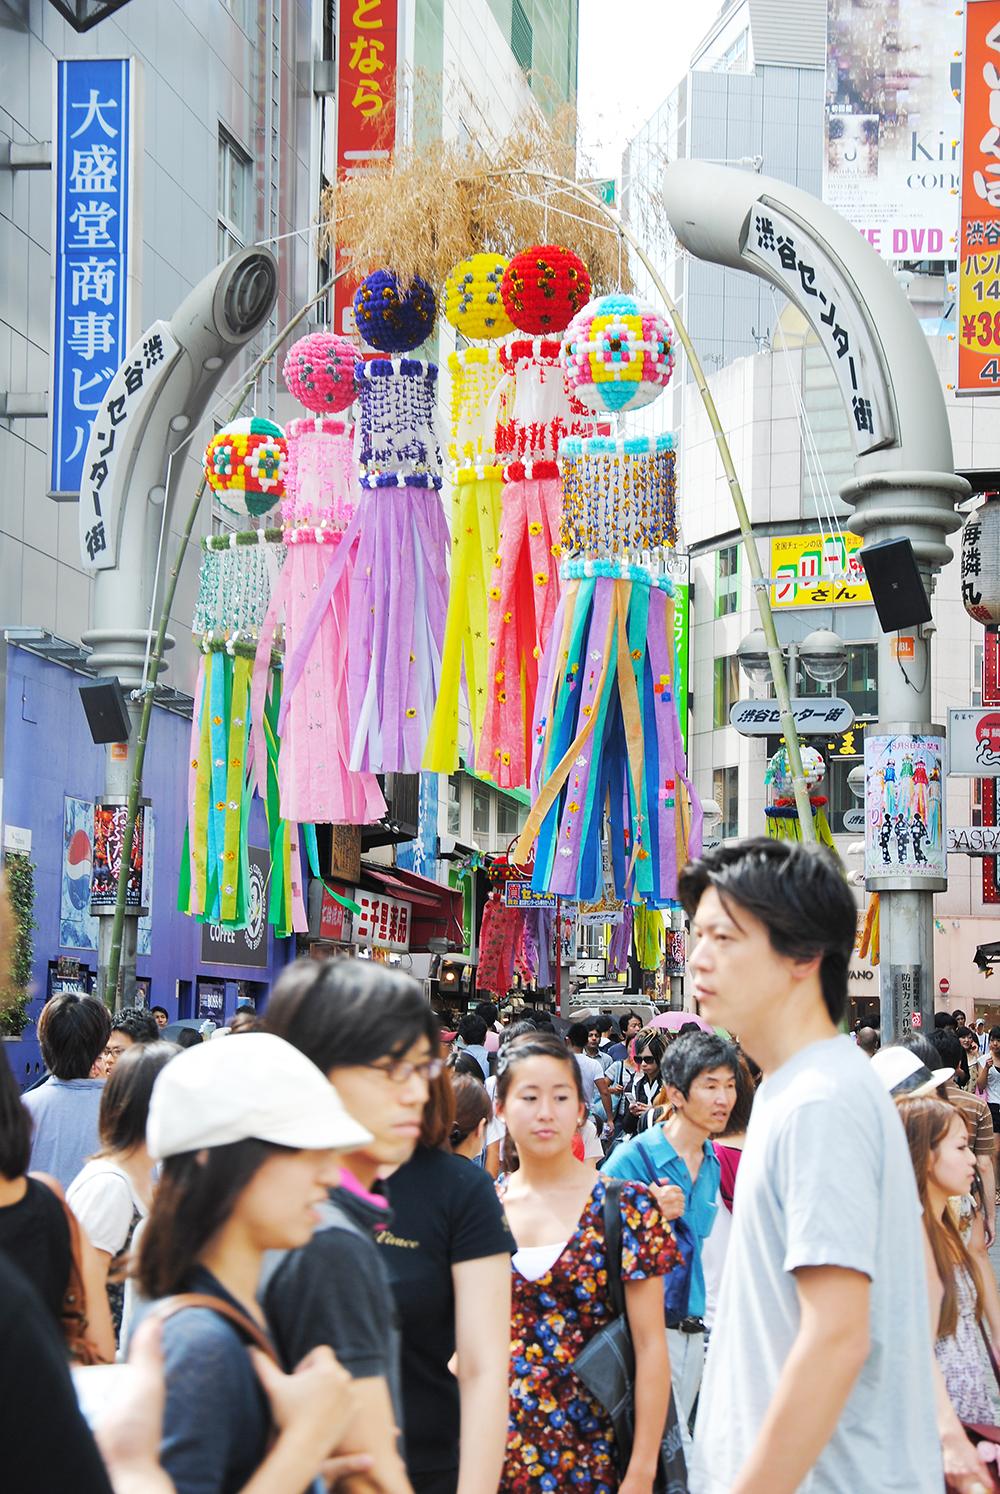 Shibuya shopping tokyo japan